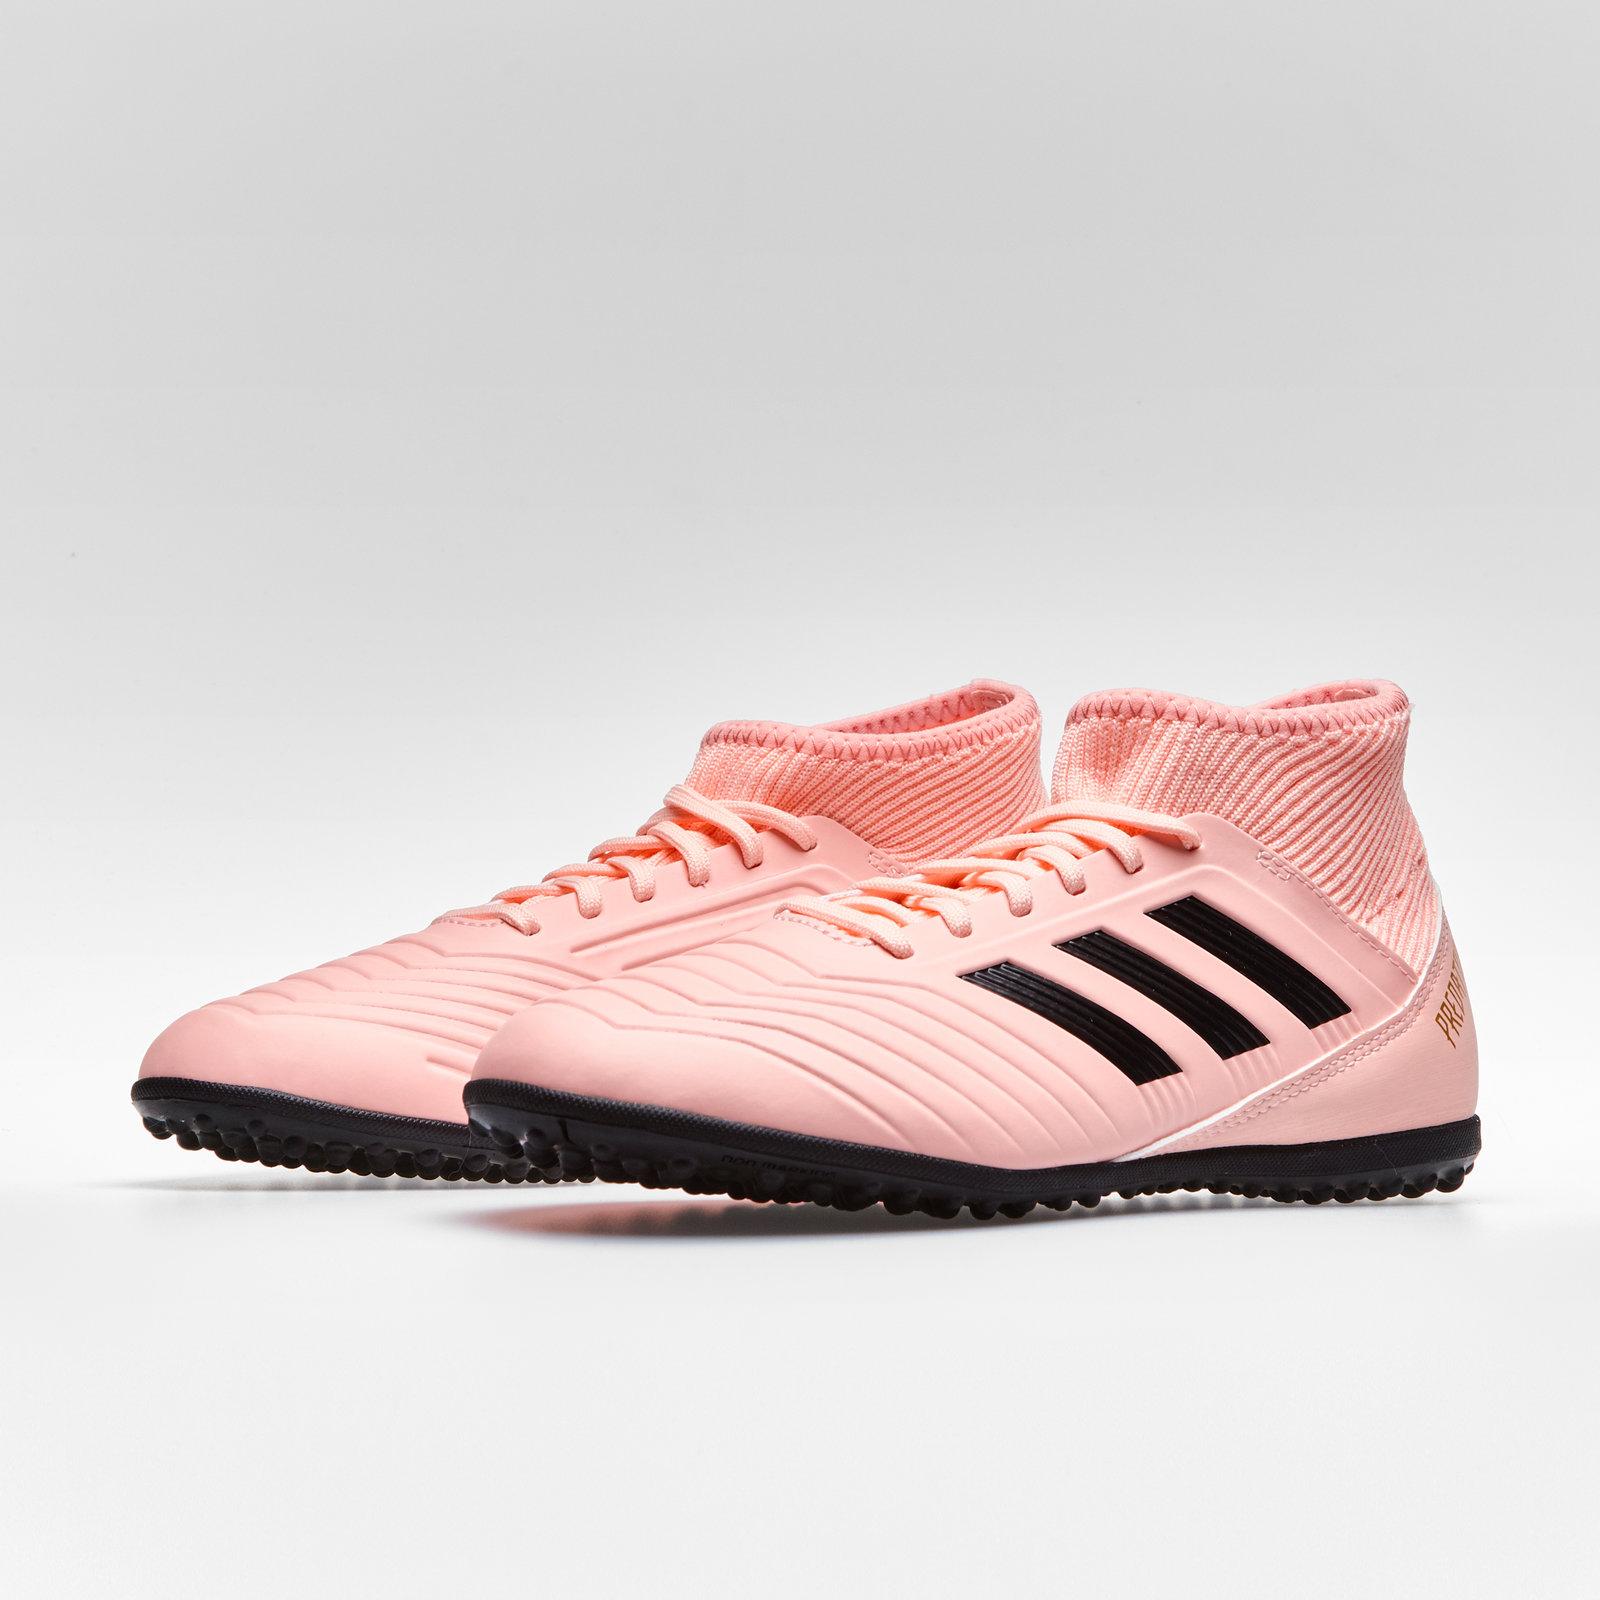 Adidas Predator Tango 3 Chaussure 18 BxeWrdCo